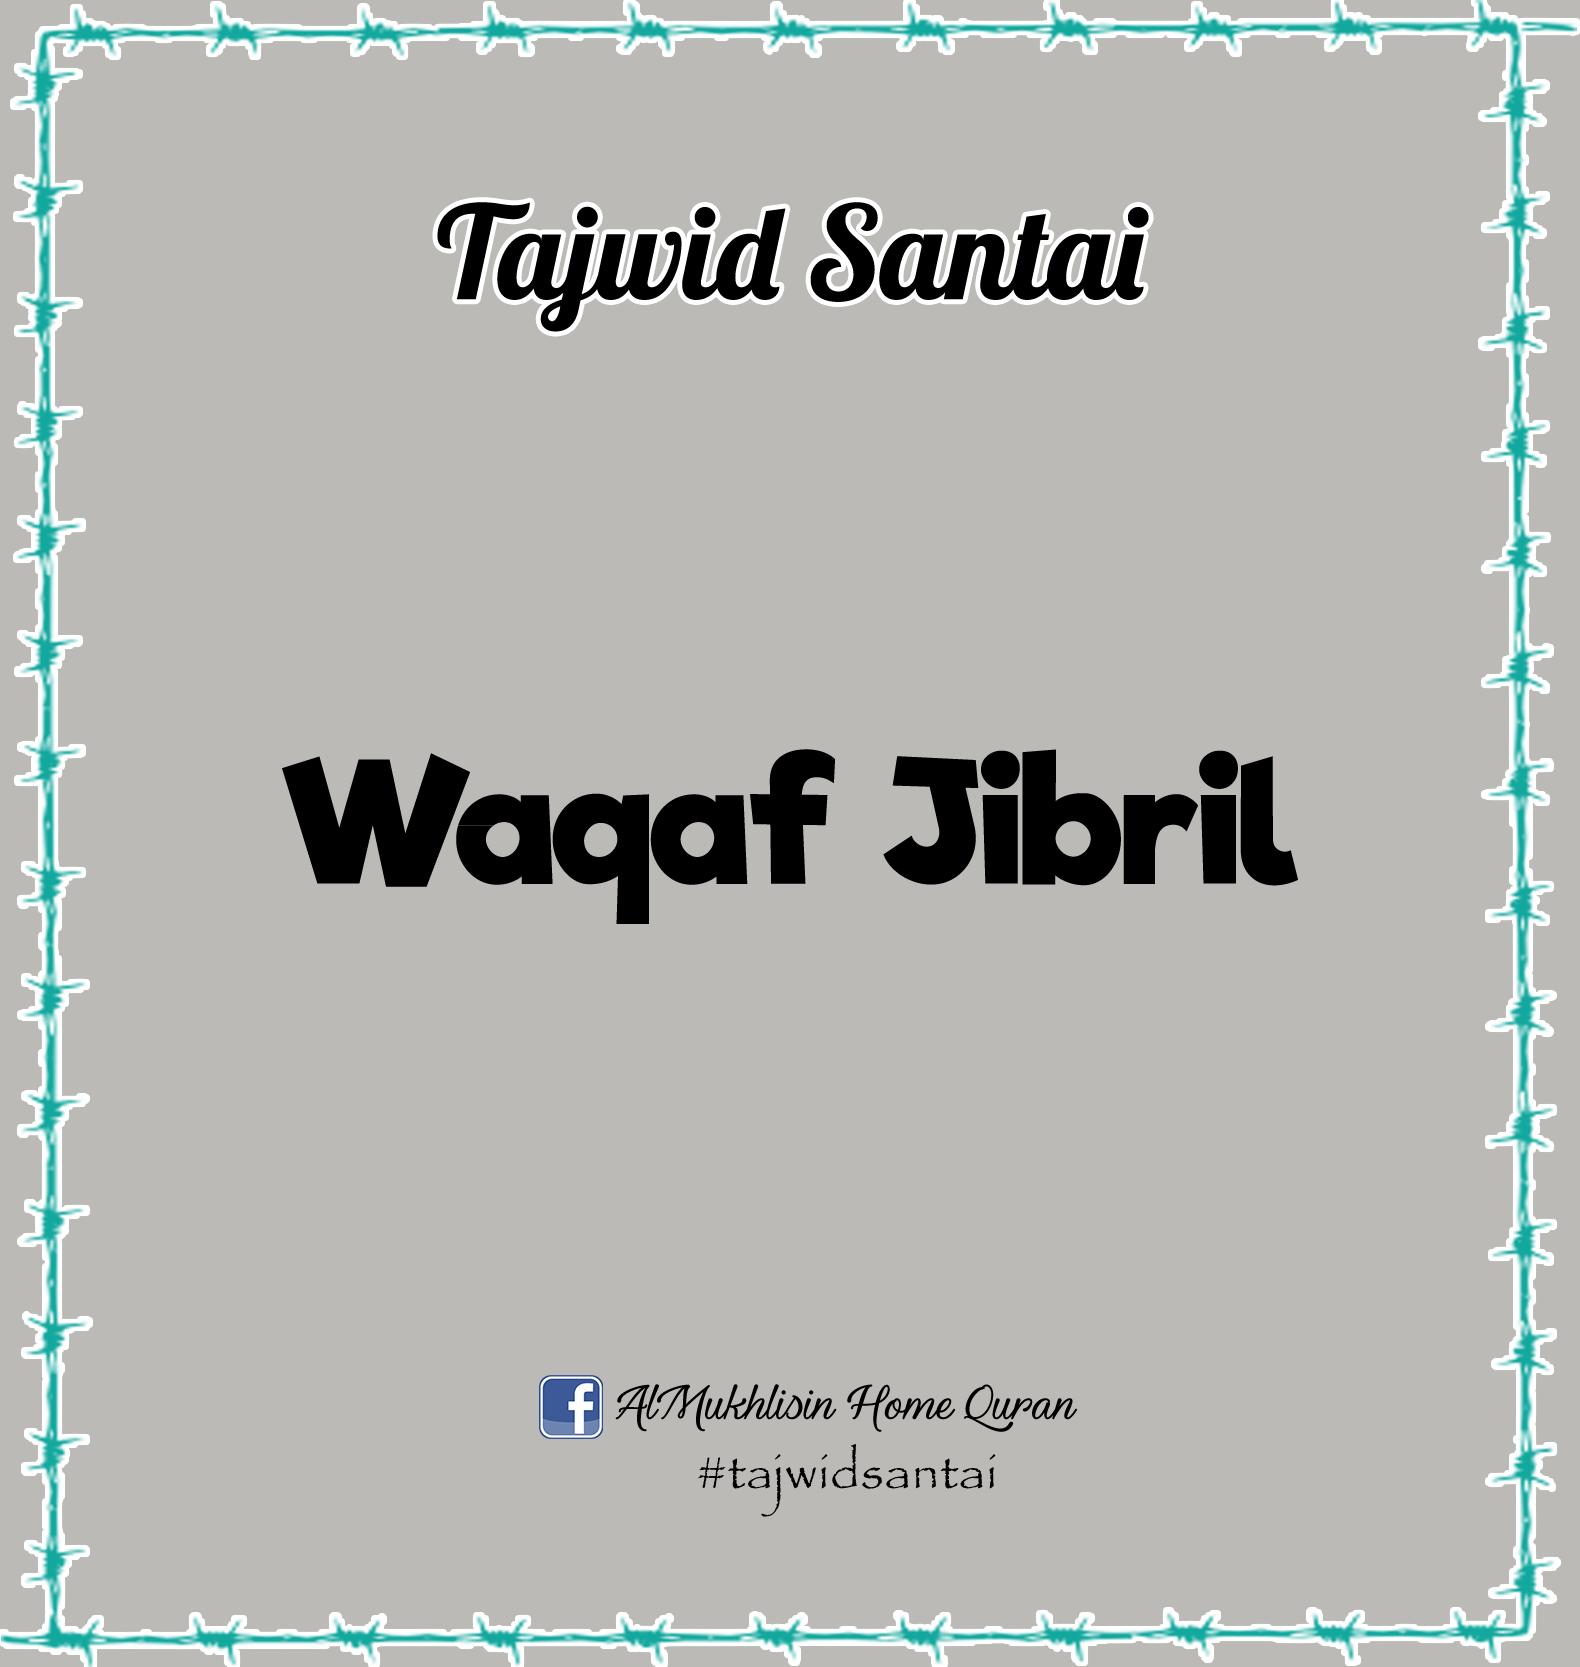 Waqaf Jibril